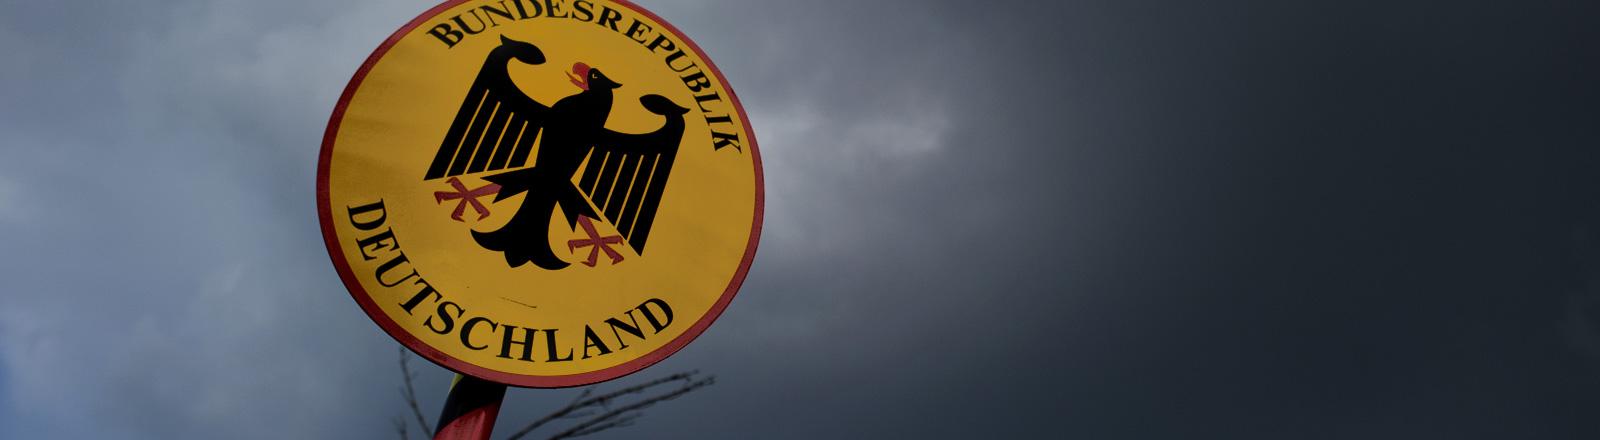 """Dunkle Wolken ziehen über ein Grenzschild, darauf ist der Bundesadler abgebildet und es ist """"Bundesrepublik Deutschland"""" zu lesen; Foto: dpa"""